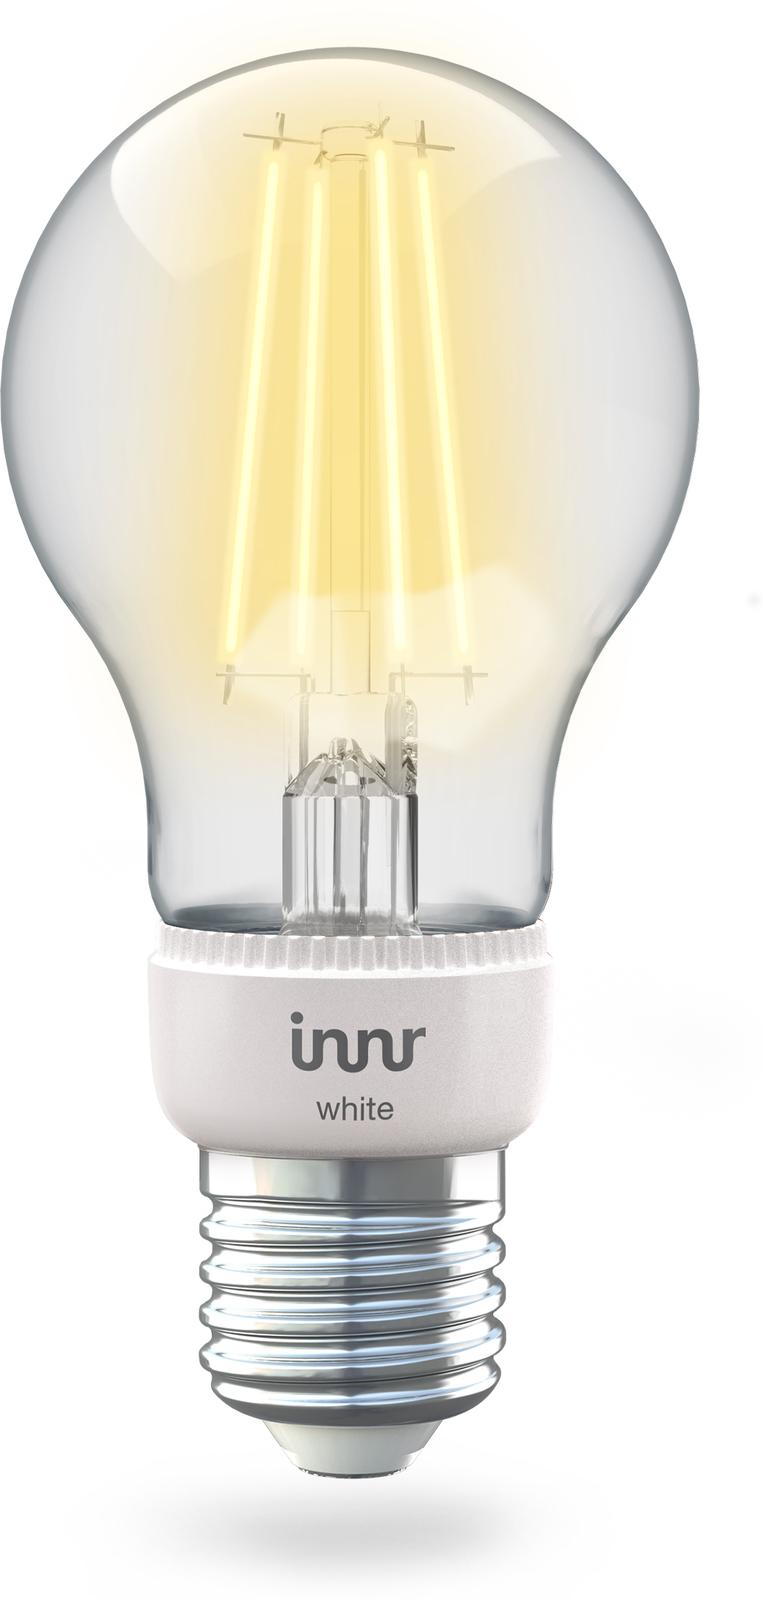 INNR Lighting 1x E27 Smart Filament Bulb White, 2.700K 806lm Z3.0 RF 265 - eet01